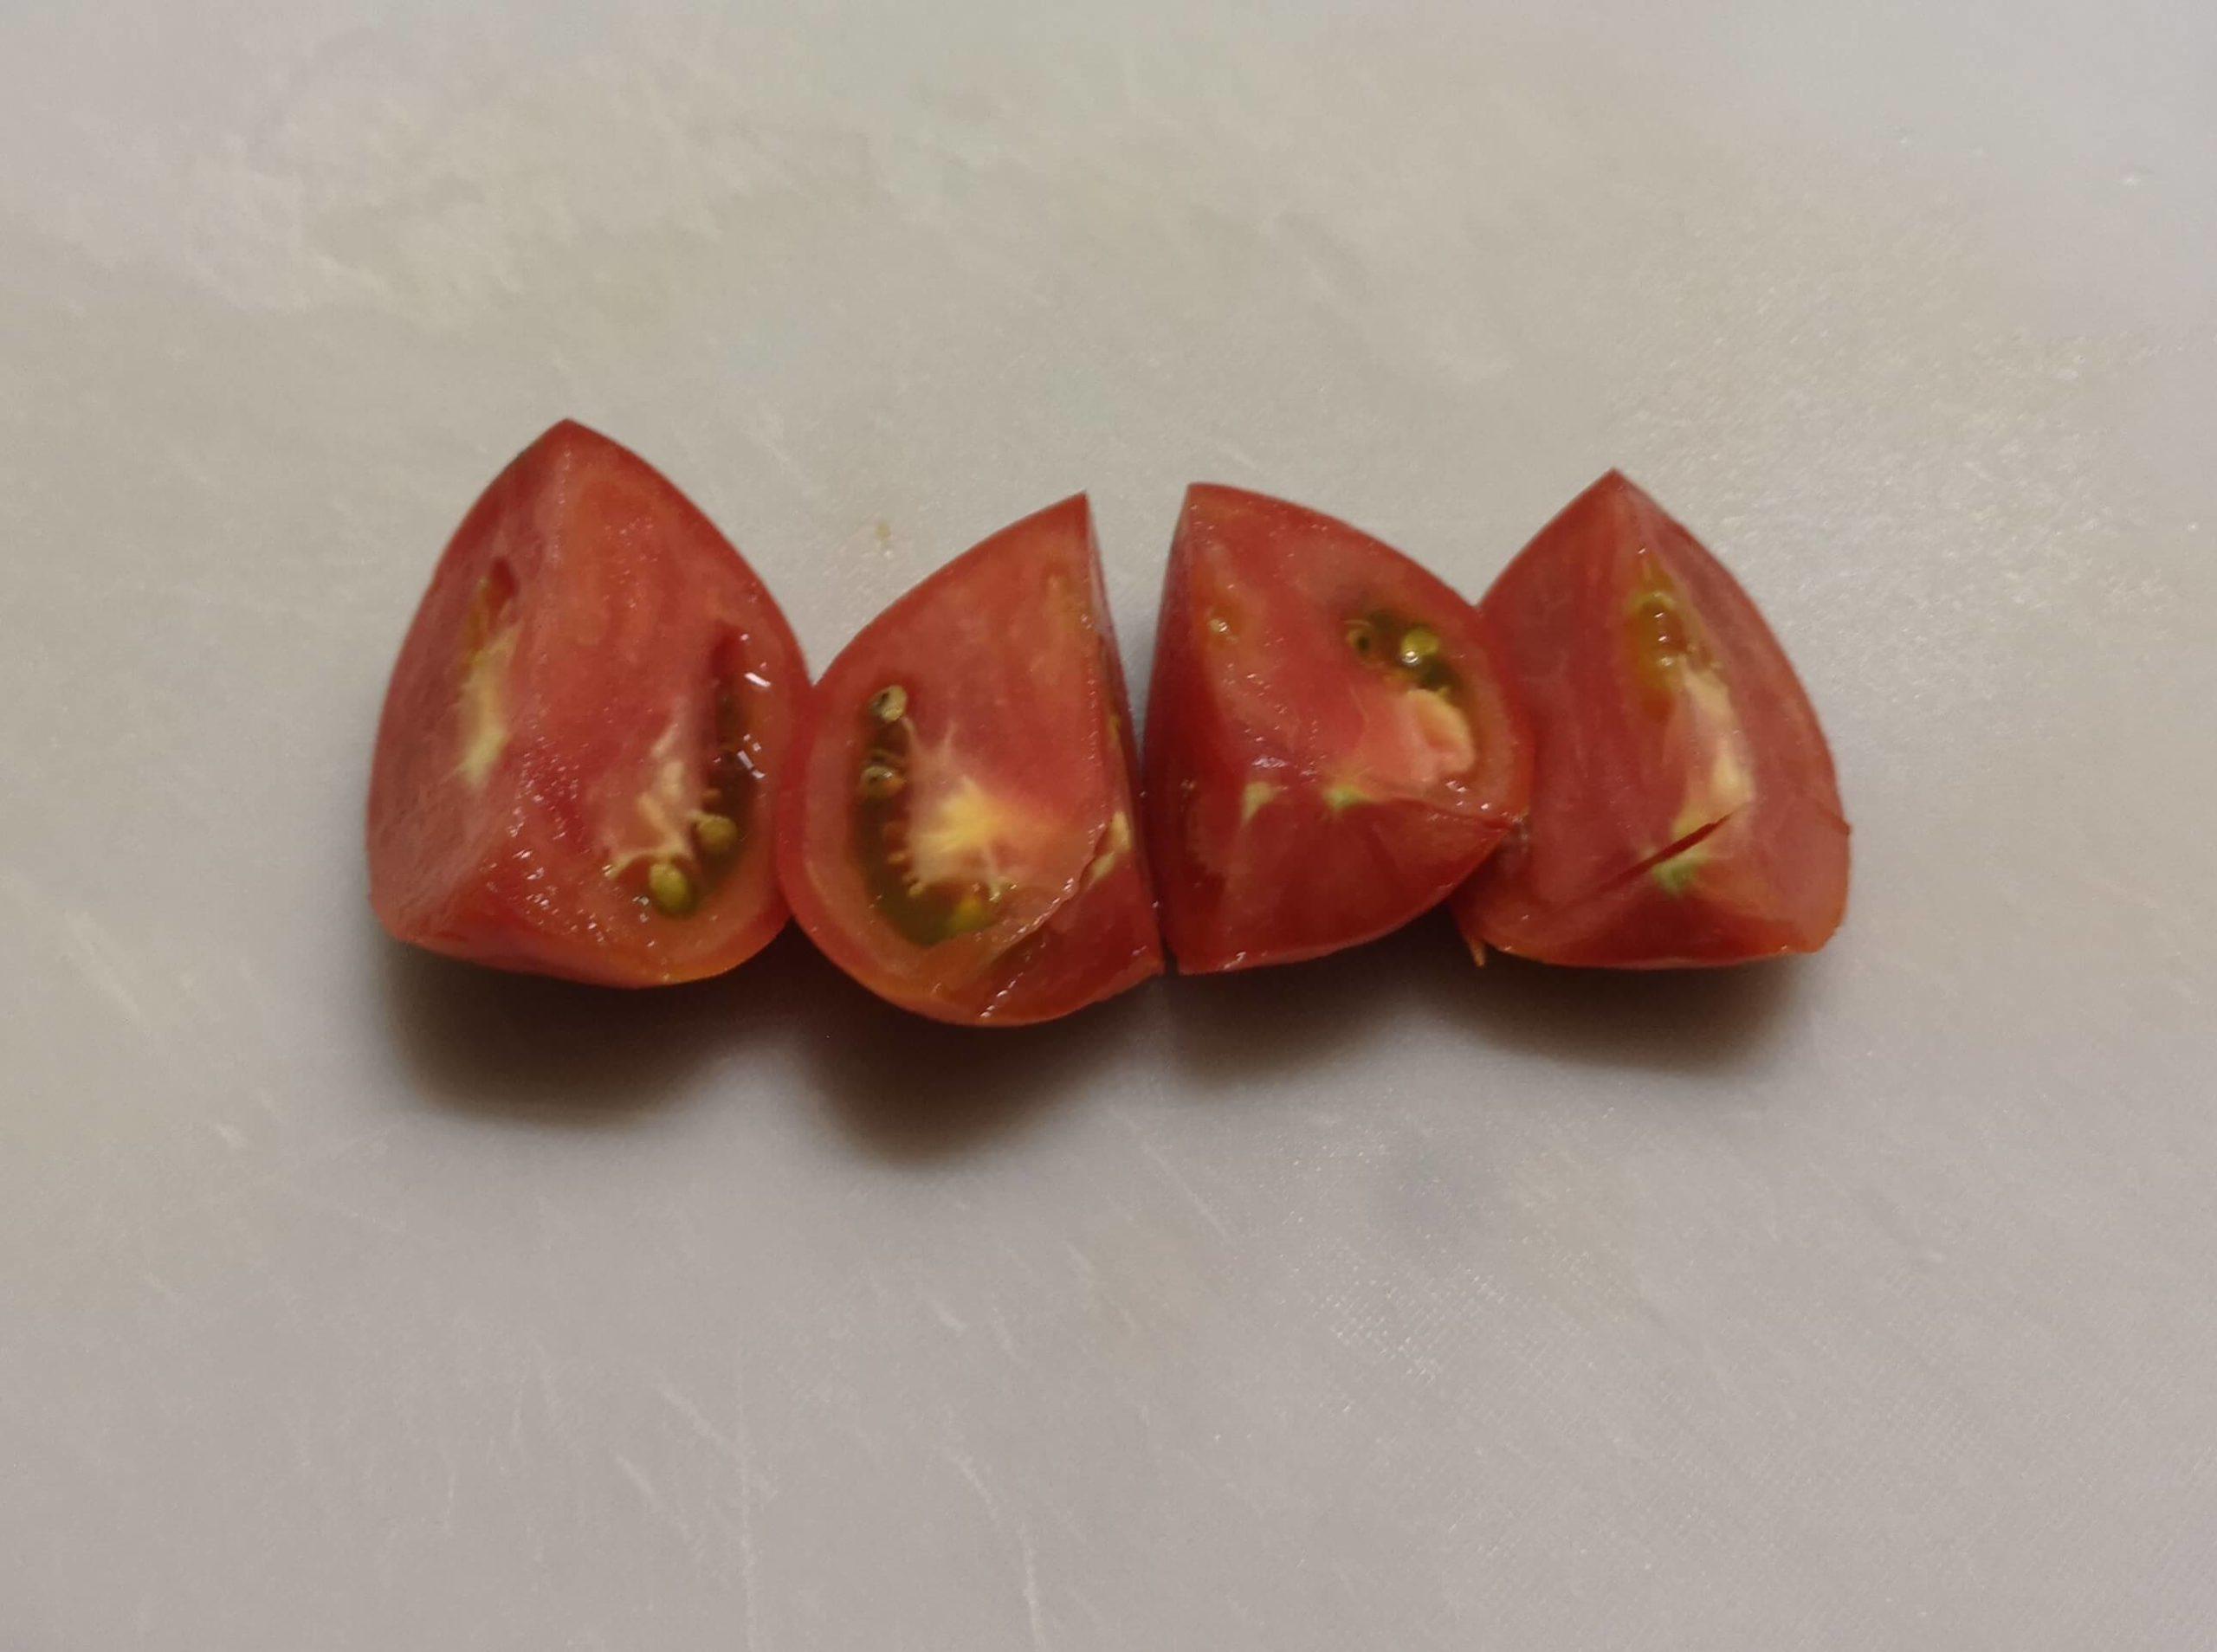 初めてのトマトは切ったまま食べました